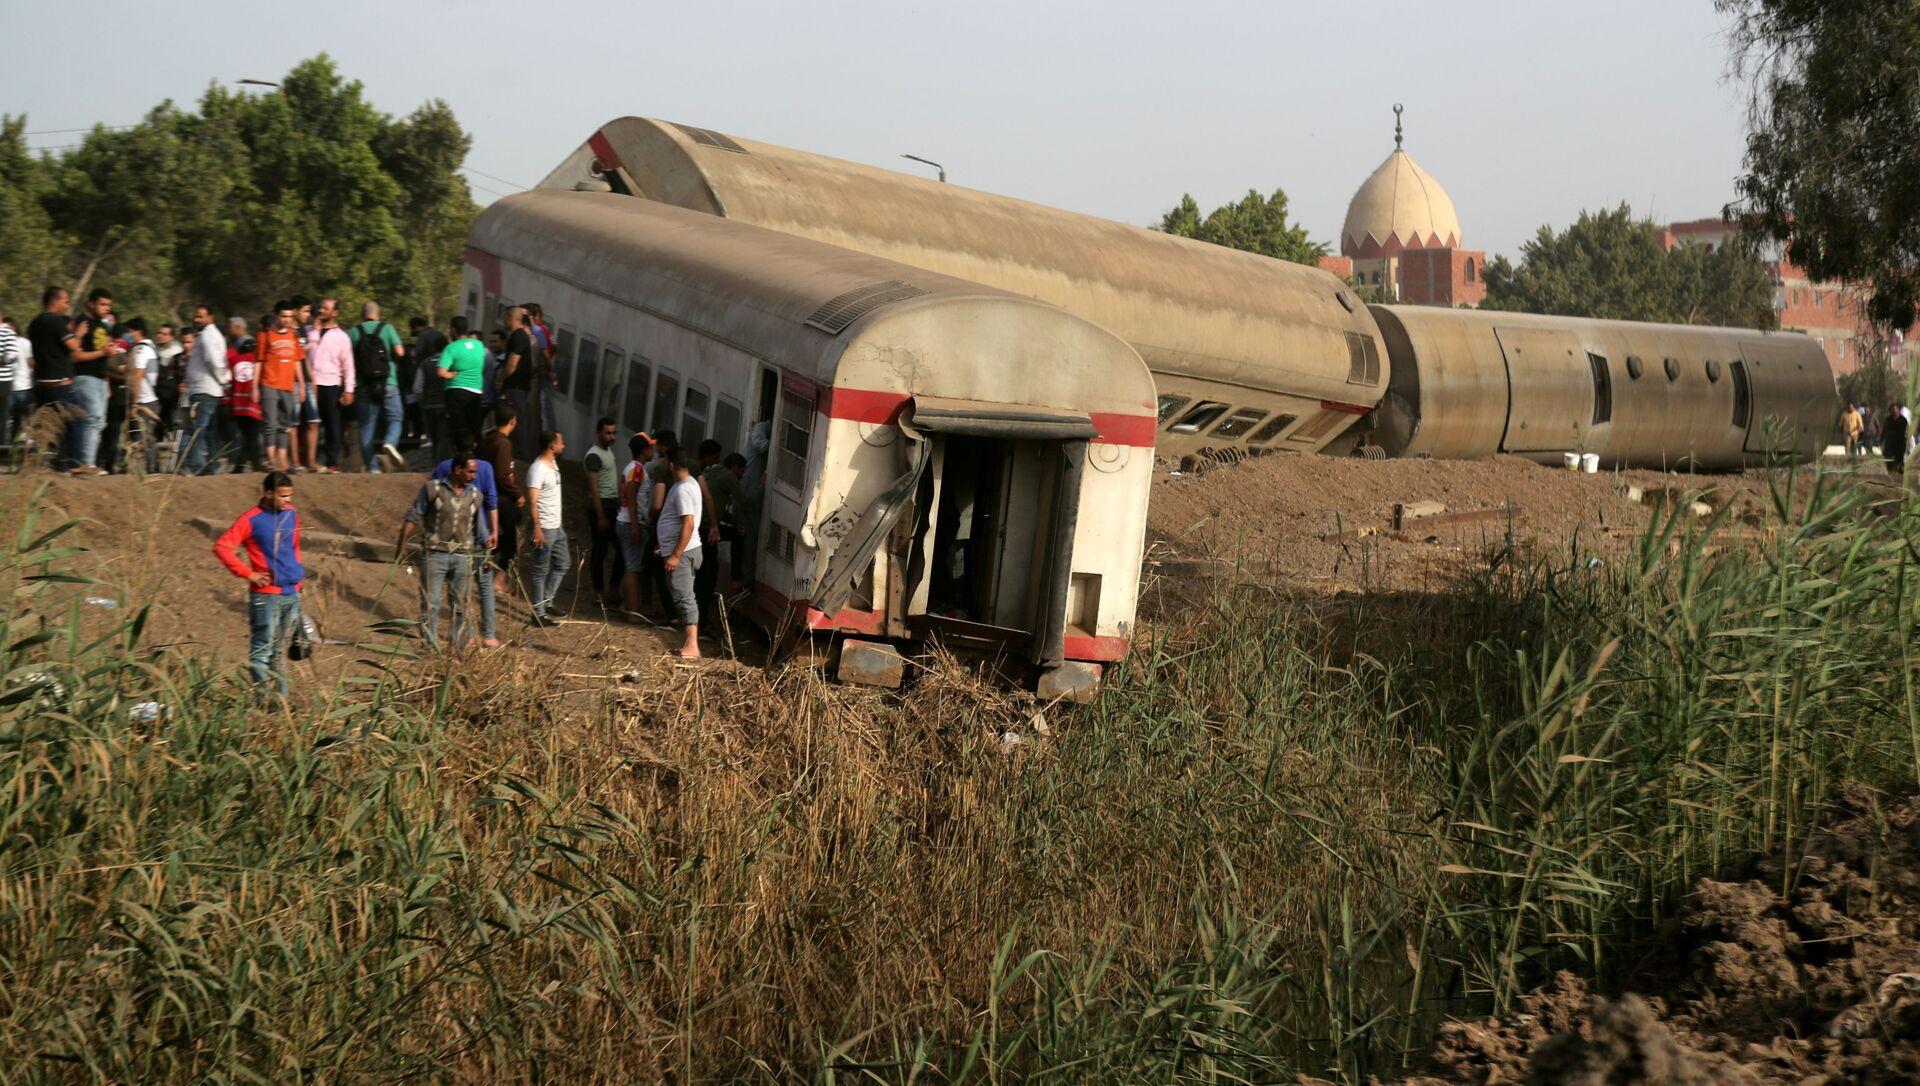 Wynik wykolejenia się pociągu w egipskiej prowincji Al-Kaljubijja na północ od Kairu - Sputnik Polska, 1920, 18.04.2021